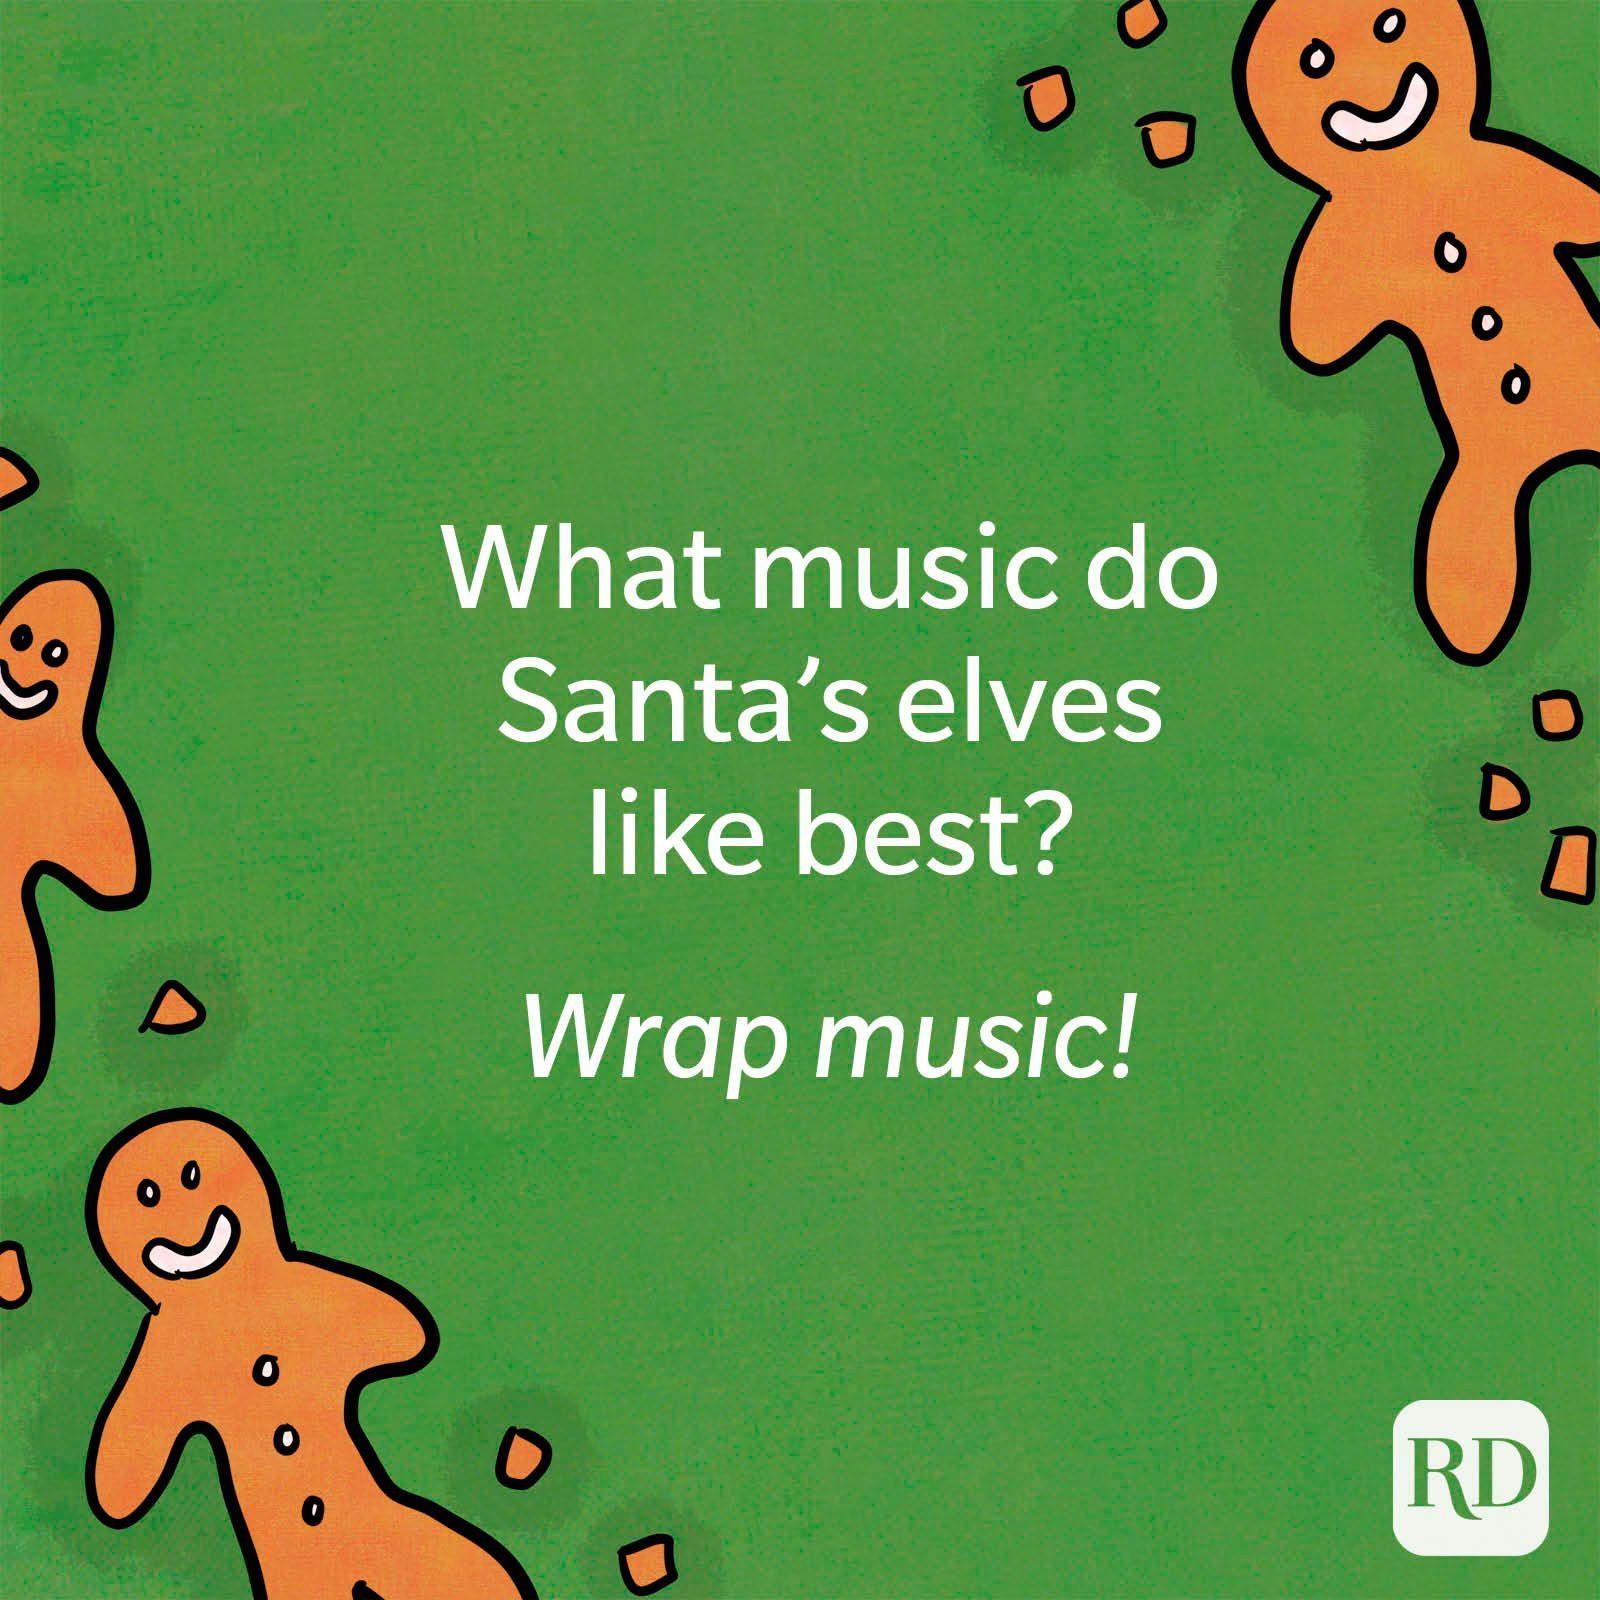 What music do Santa's elves like best? Wrap music.